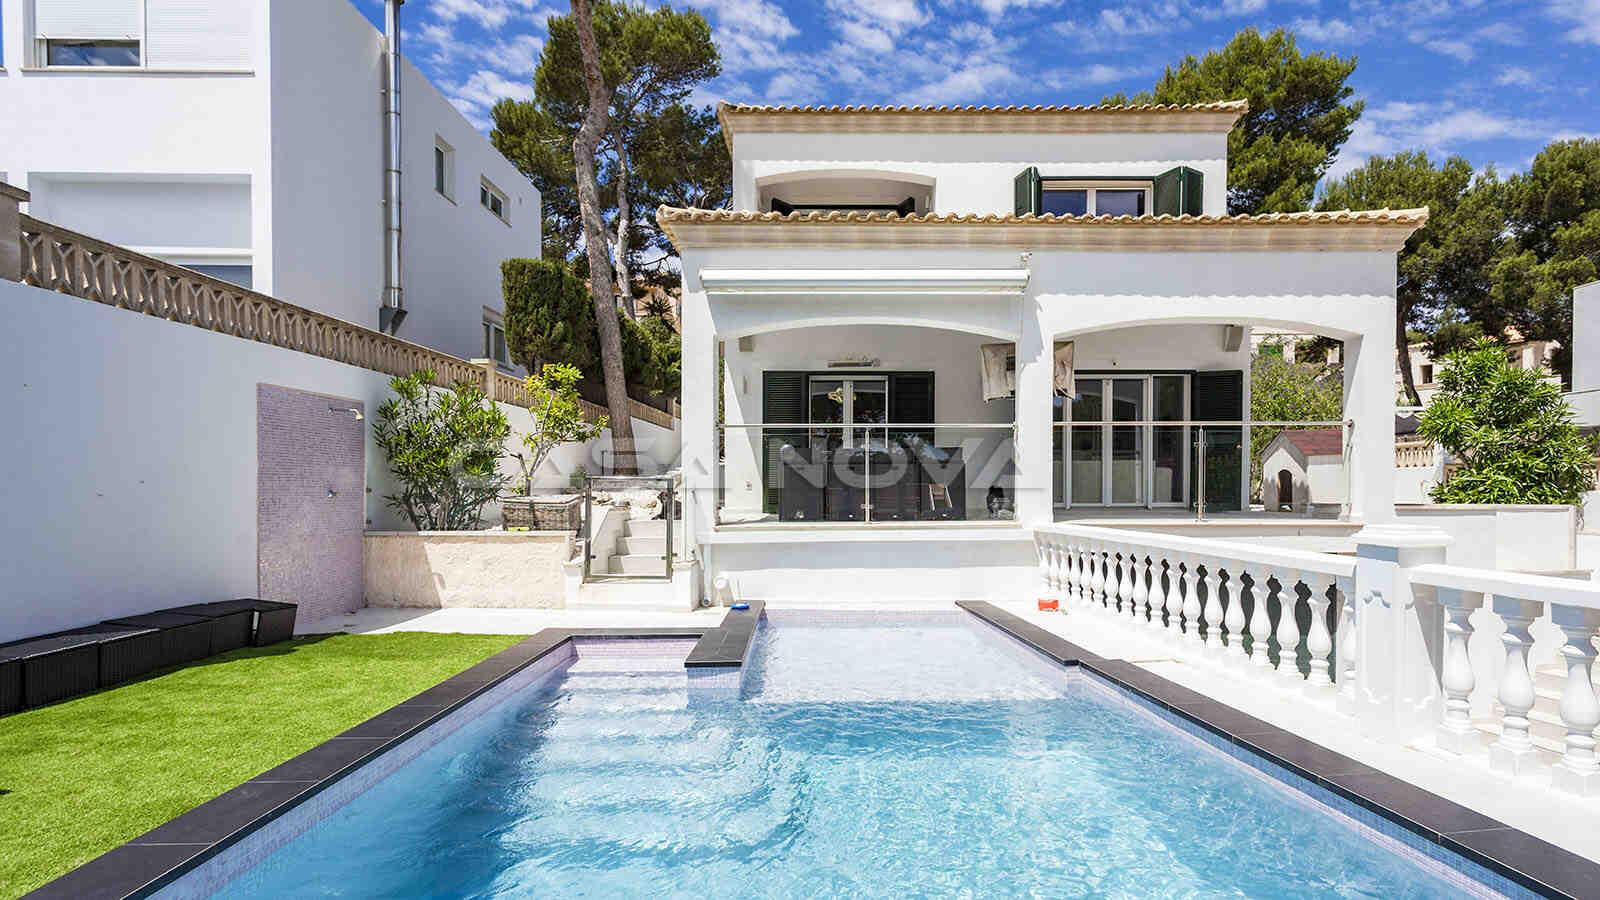 Attraktive Villa mit gepflegtem Garten und Poolbereich